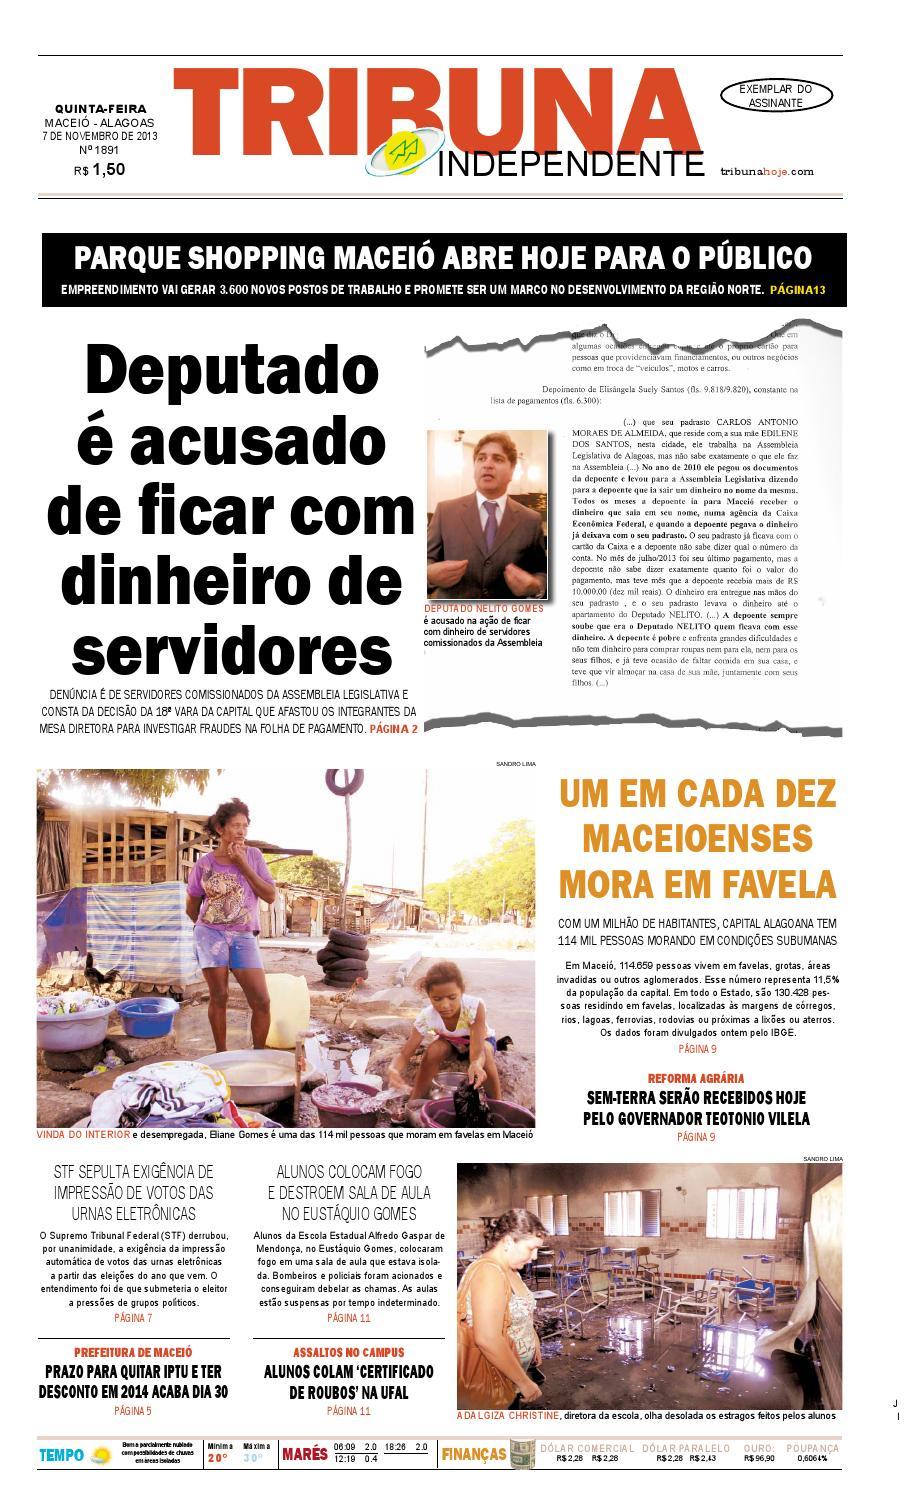 51785c6badc Edição número 1891 - 7 de novembro de 2013 by Tribuna Hoje - issuu